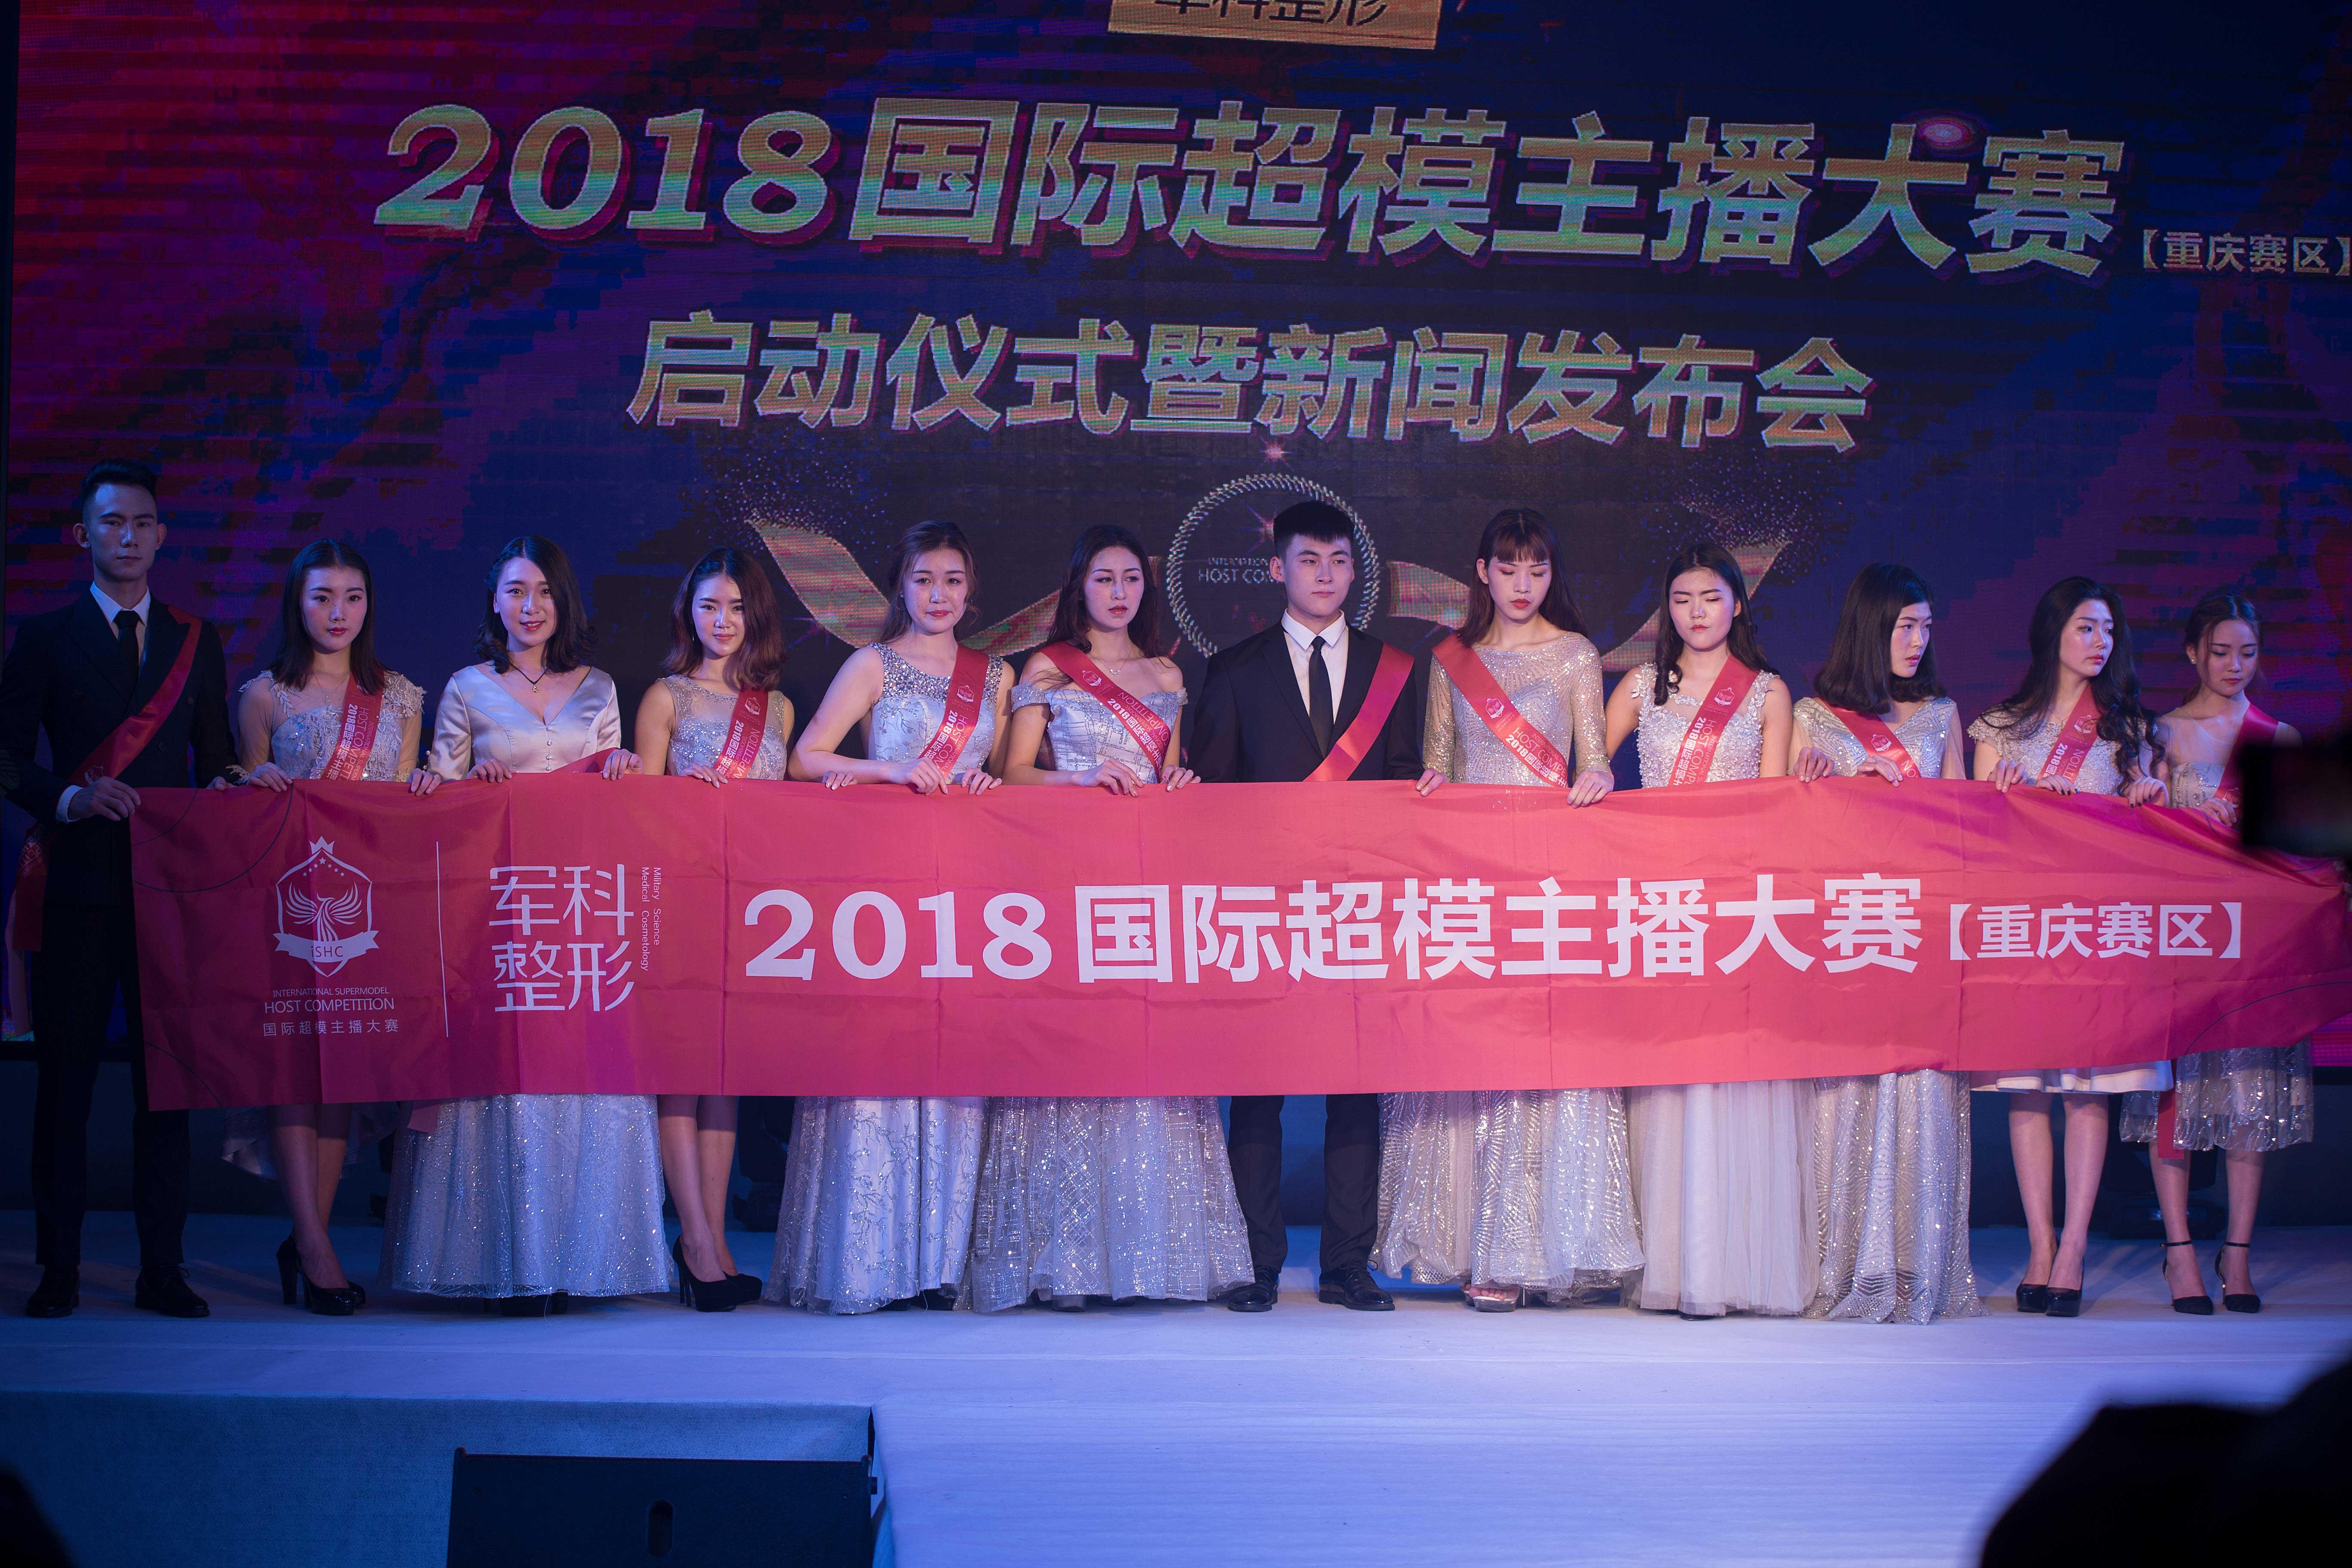 2018国际超模主播大赛重庆赛区启动仪式